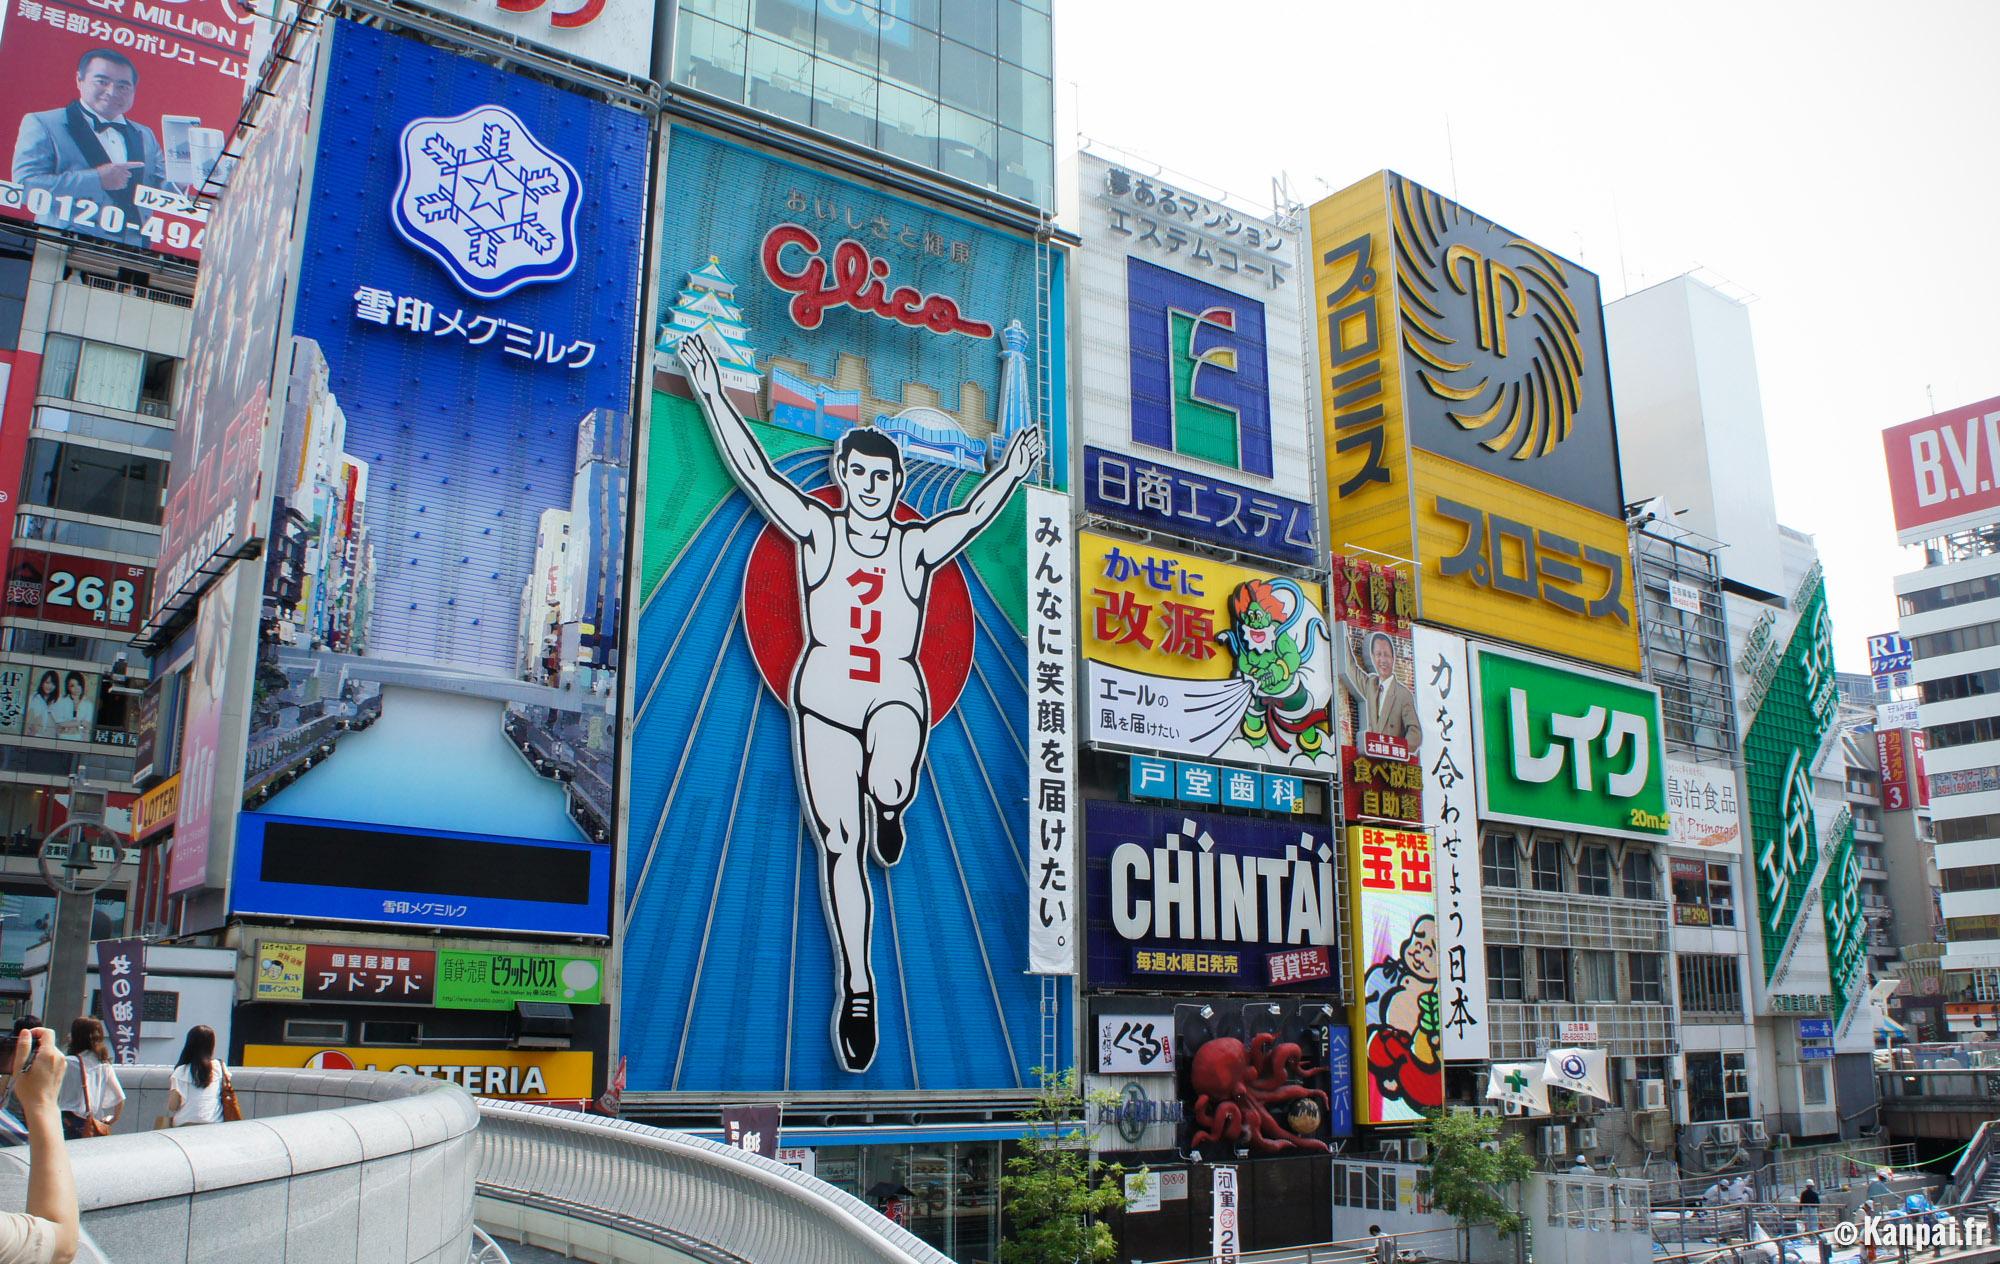 brancher à Osaka couple Interracial rencontres en ligne